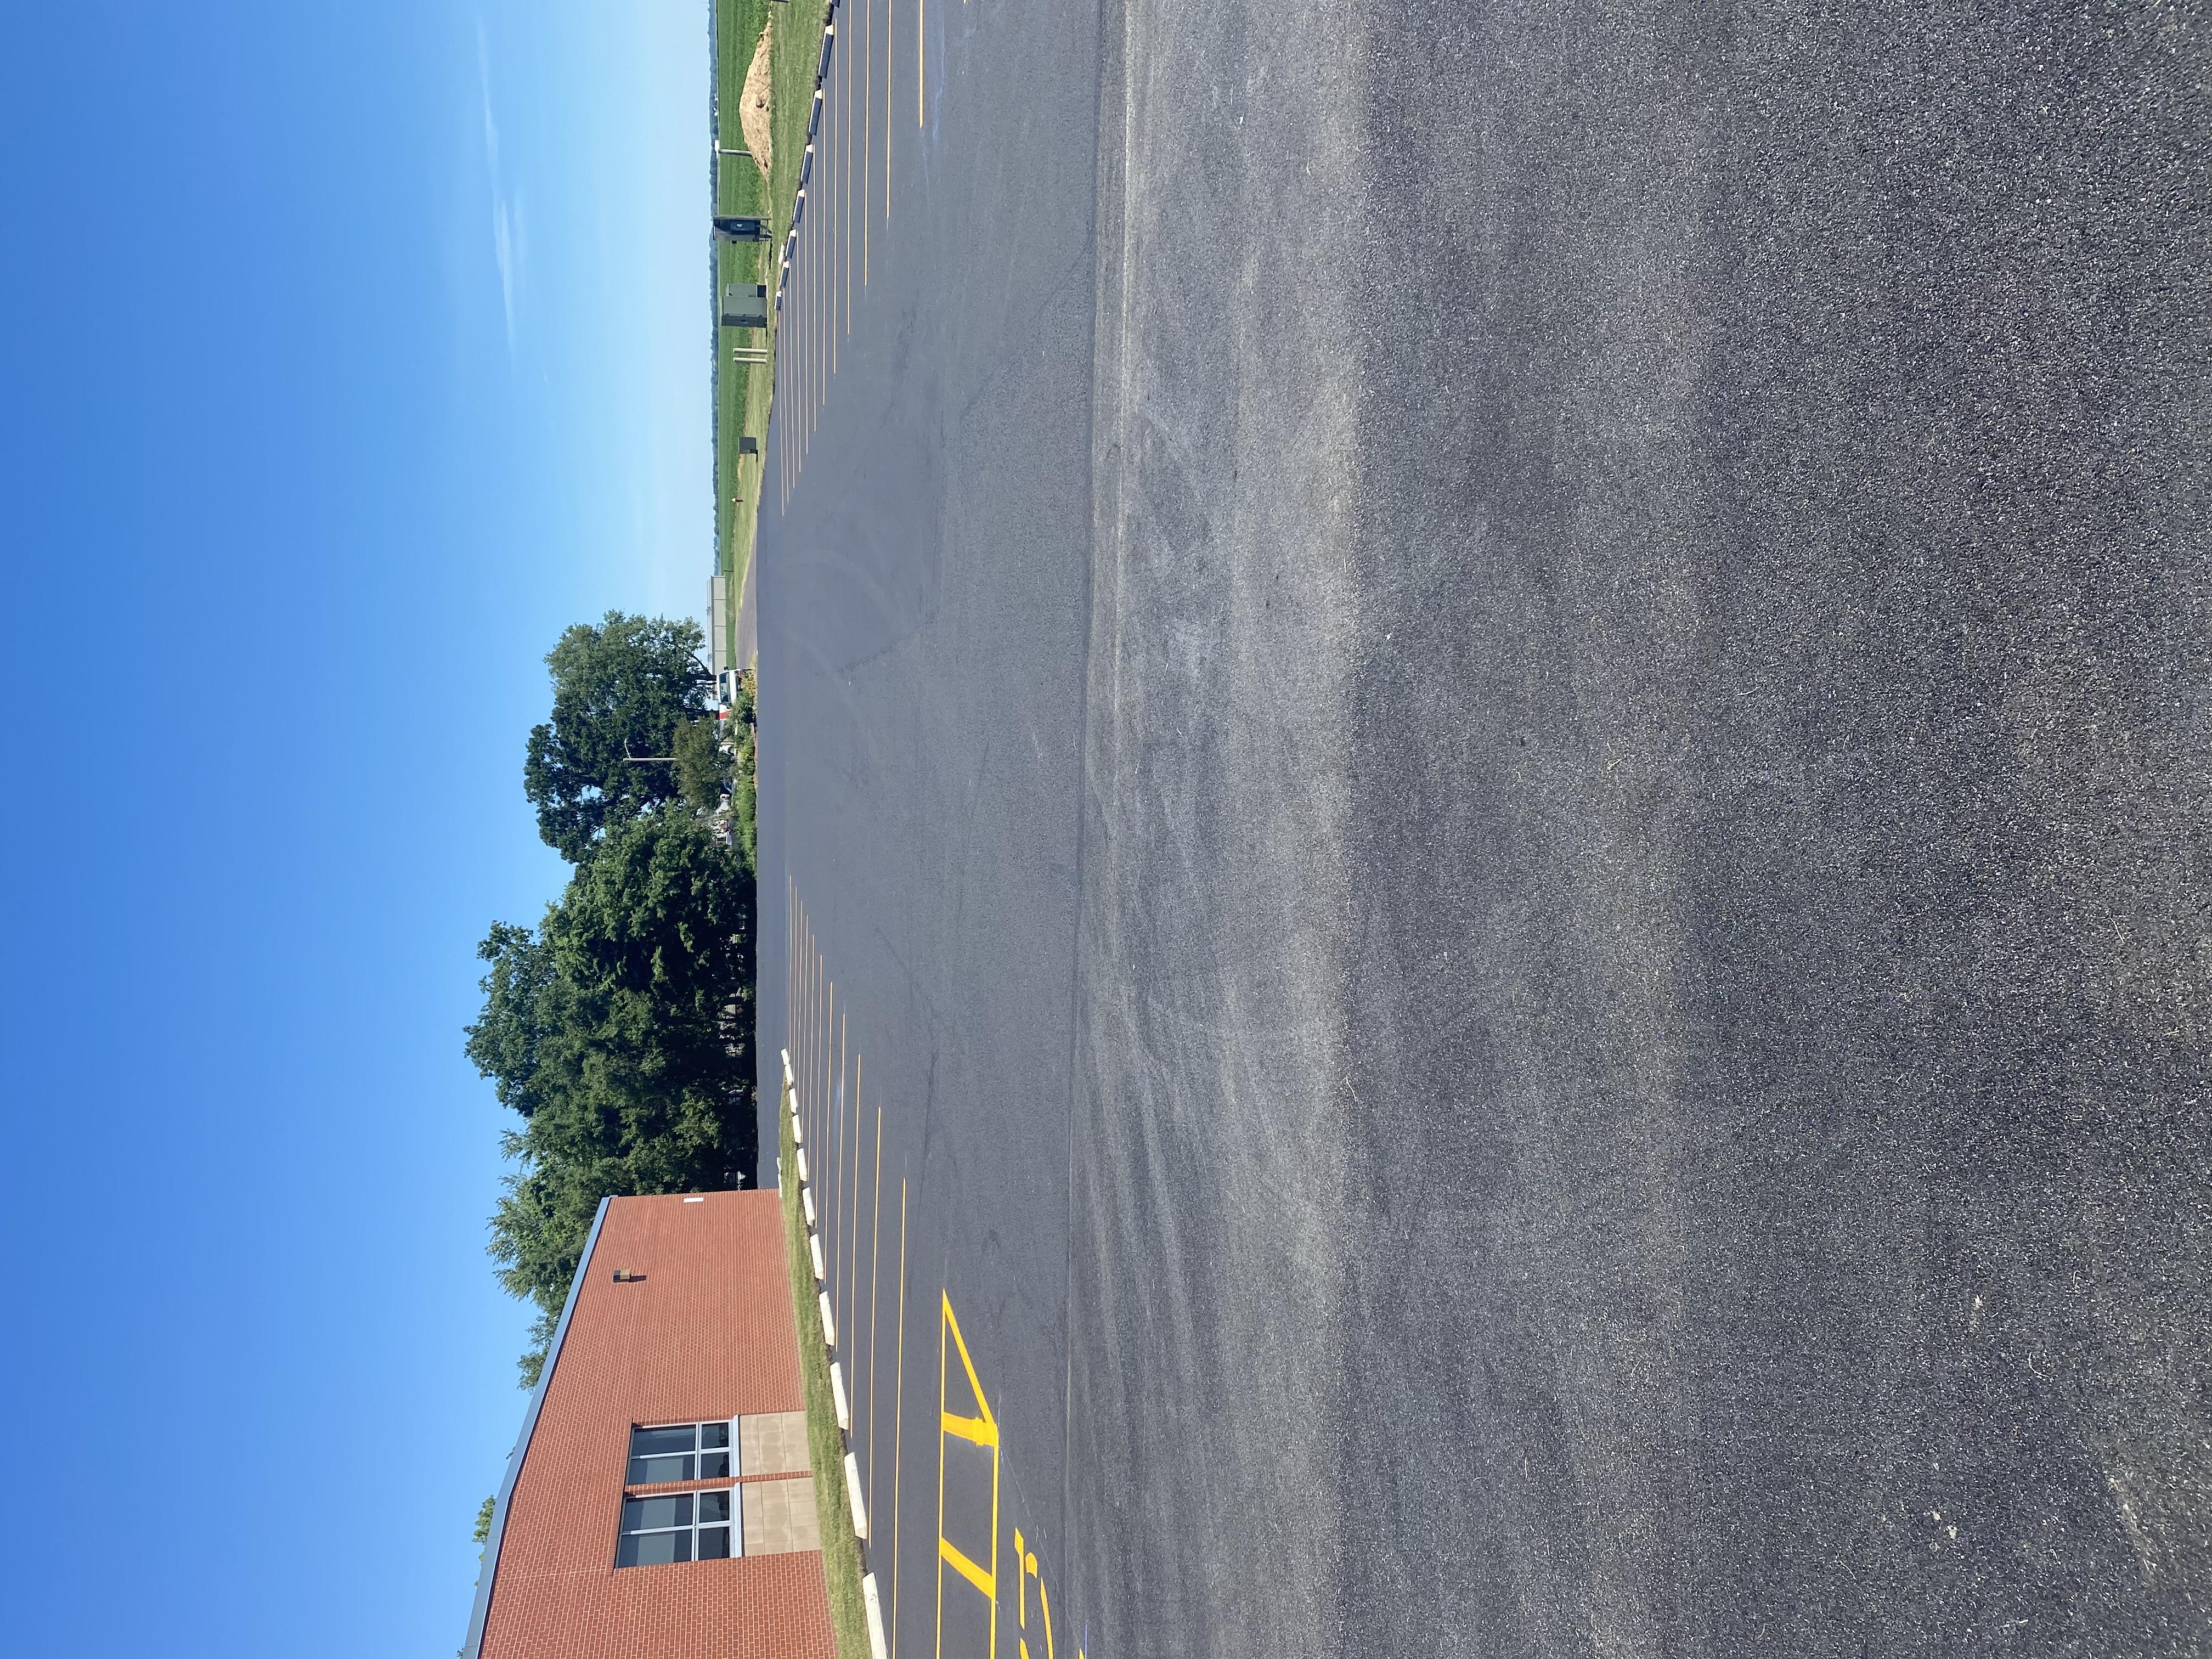 Staff parking